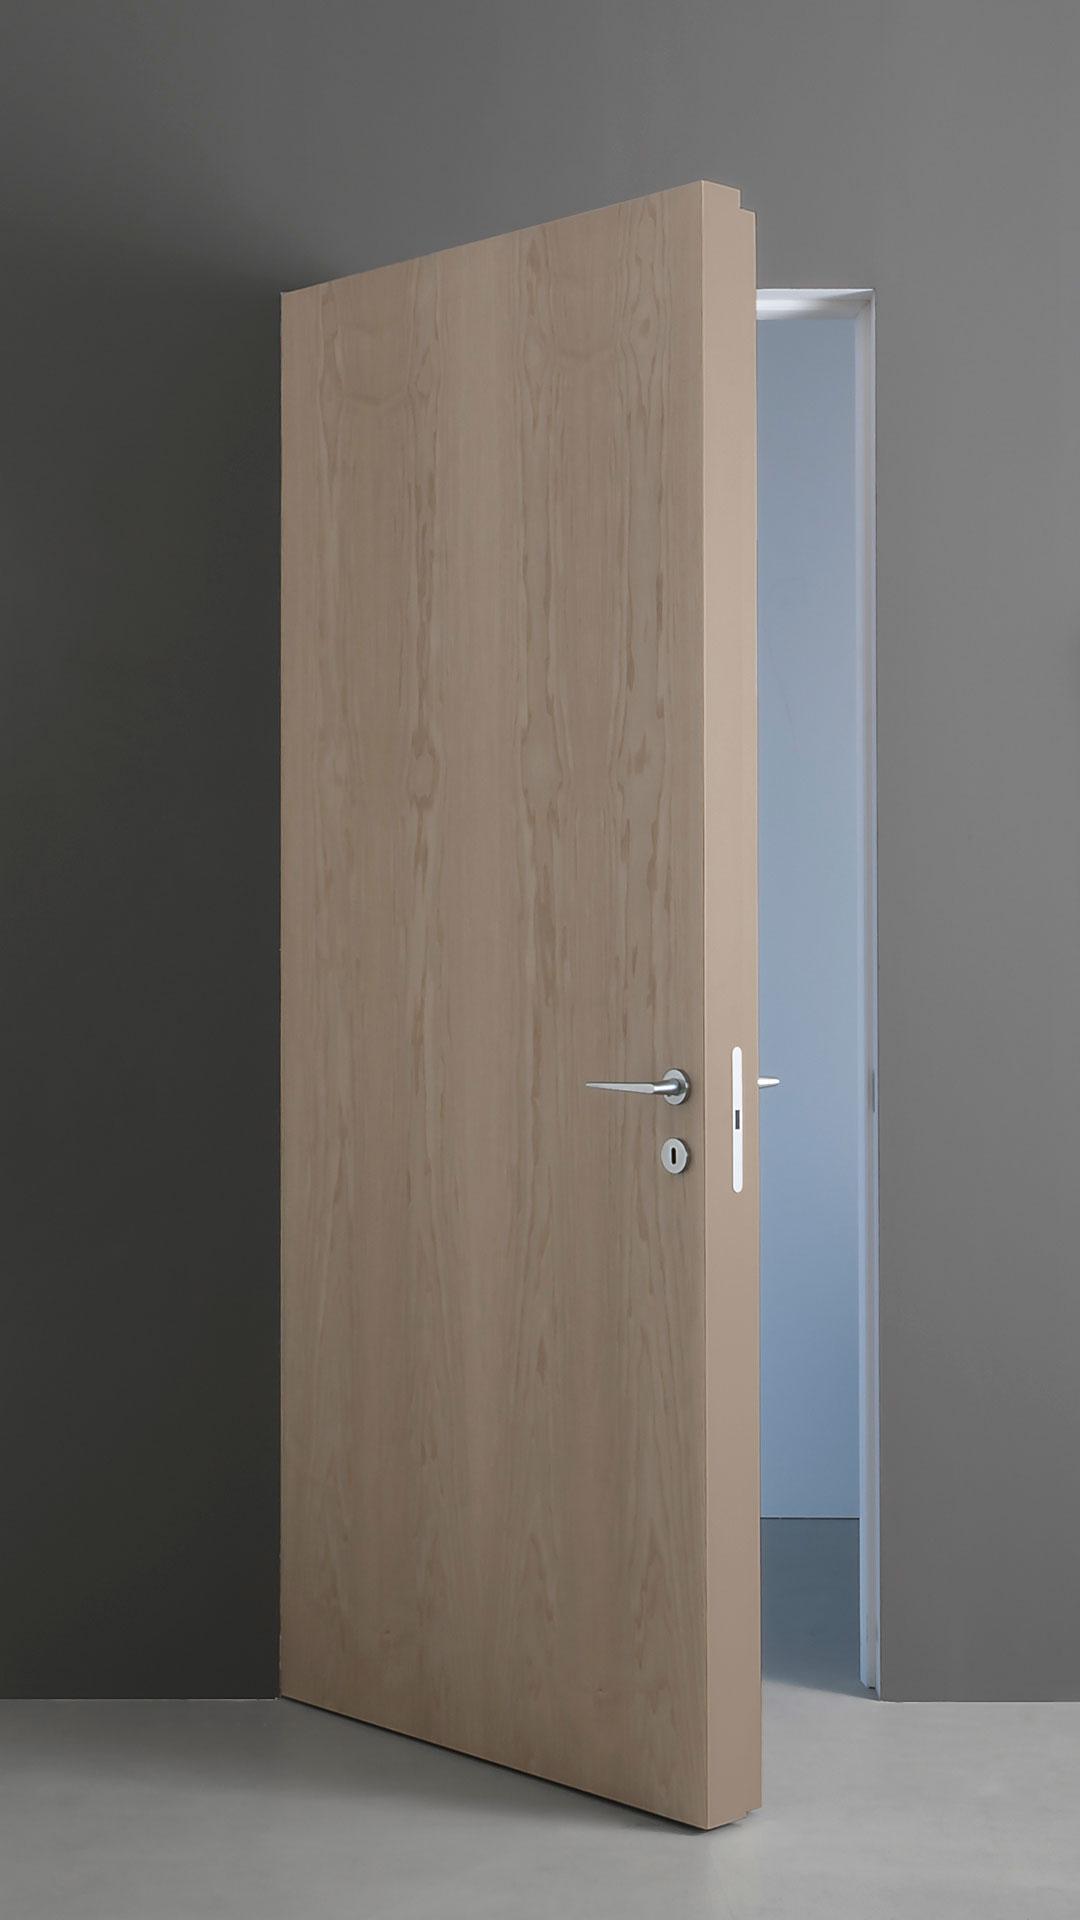 Integra binnendeur